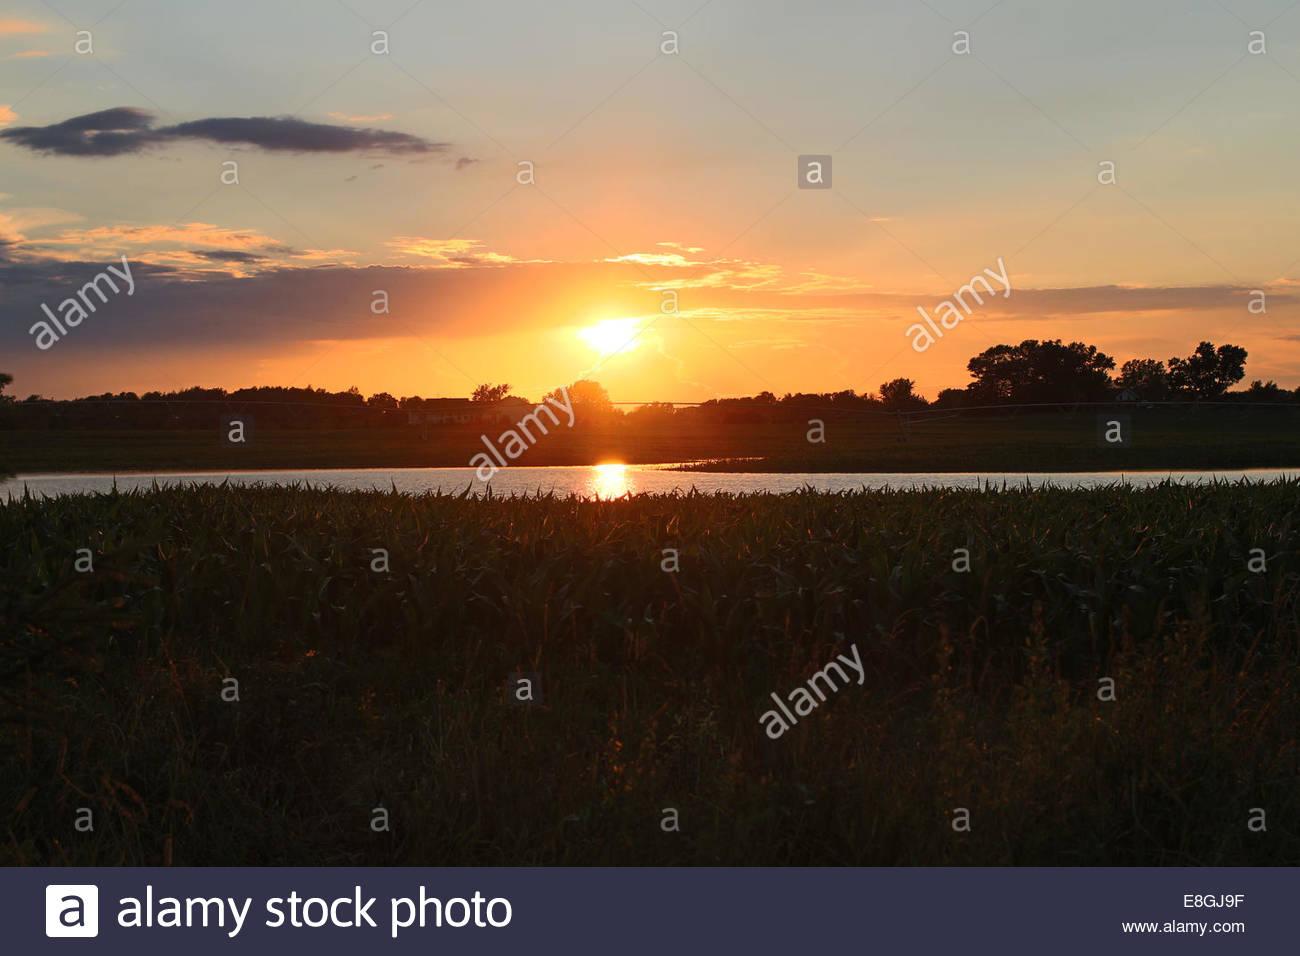 Sonnenuntergang über der Landschaft im ländlichen Raum Stockbild